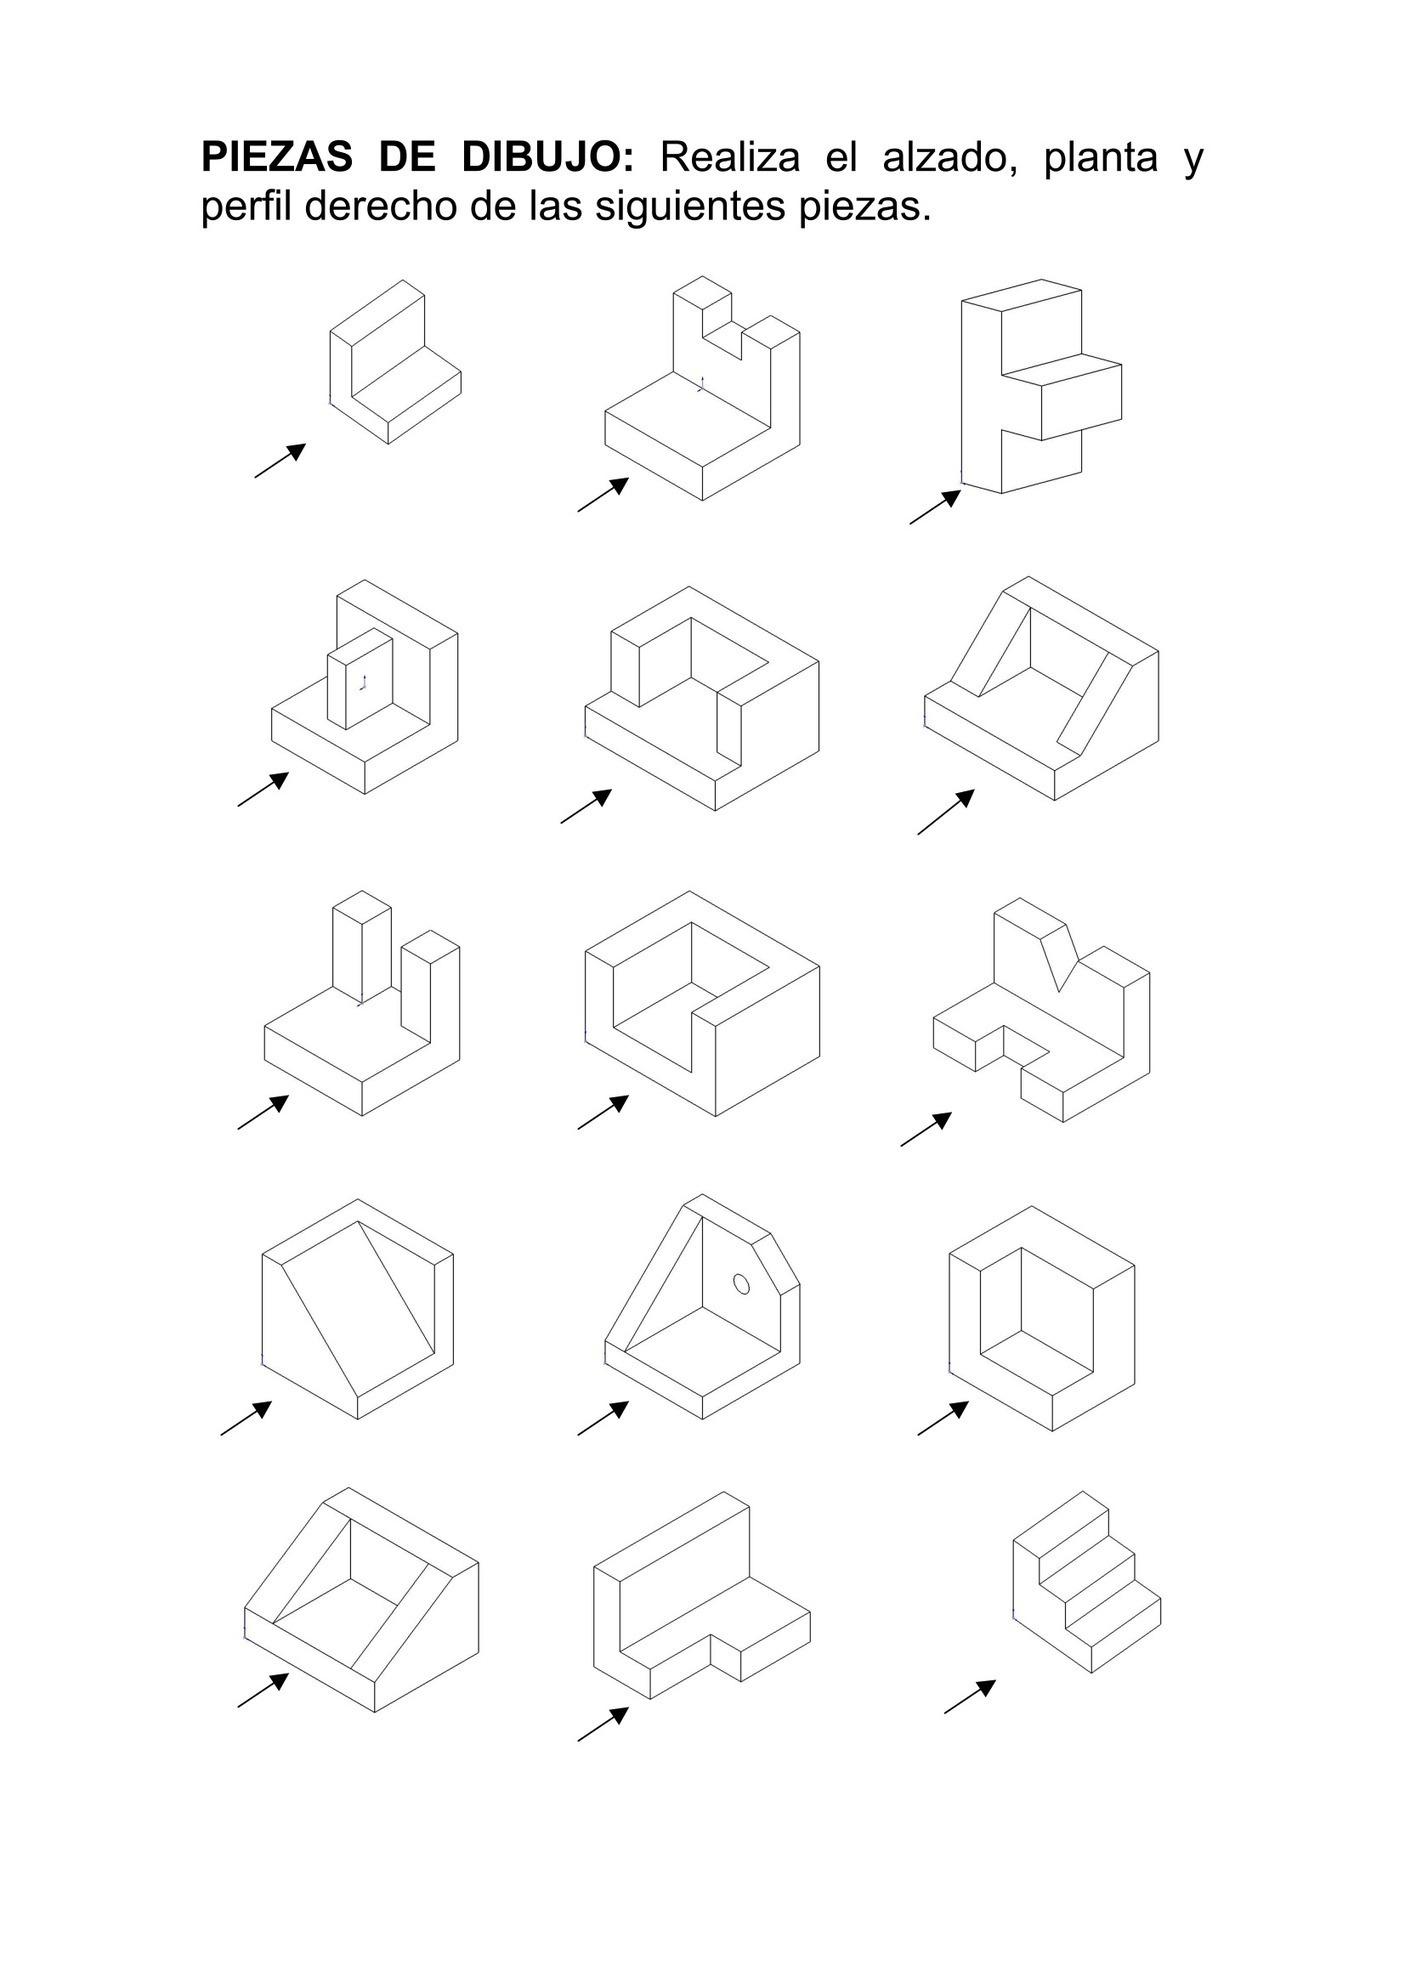 piezas de dibujo dise u00f1adas con openscad